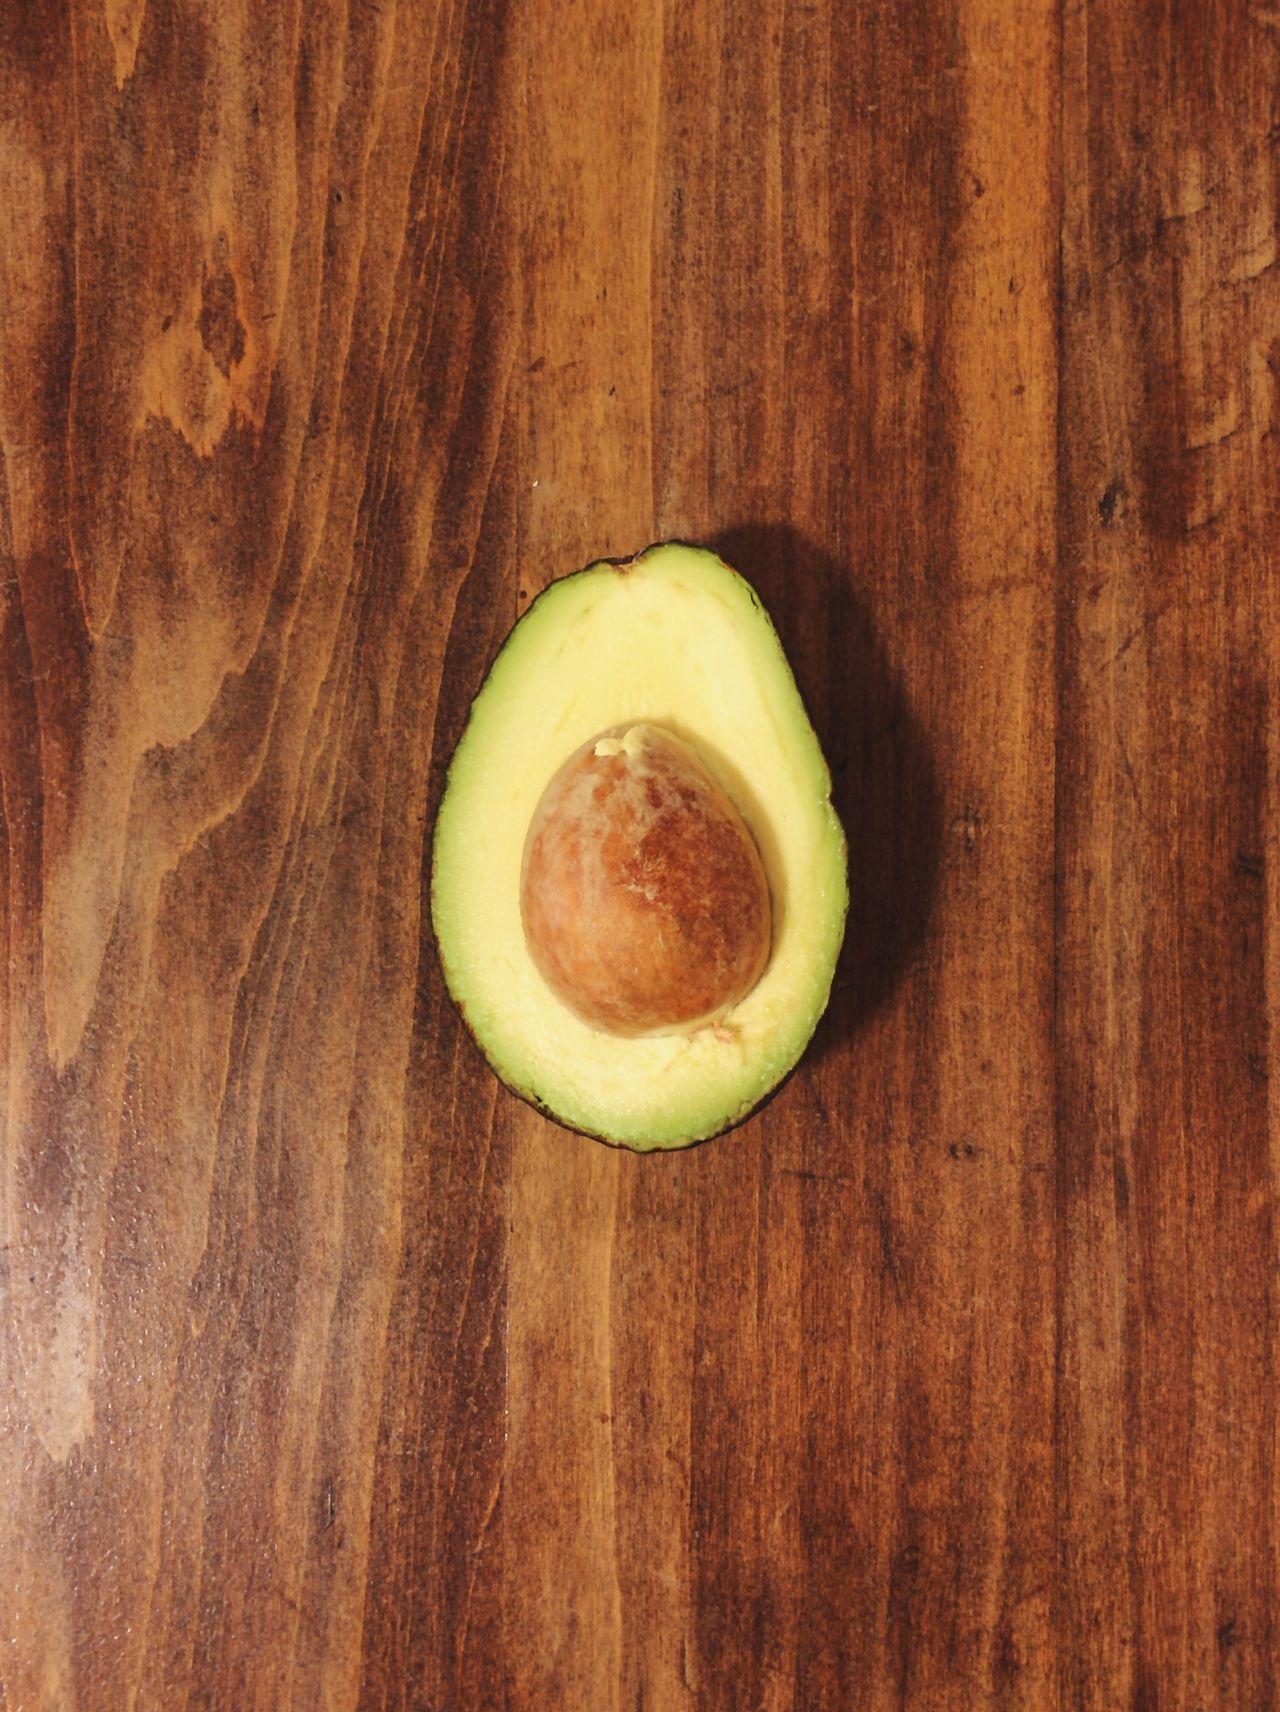 Avocado Green Healthy